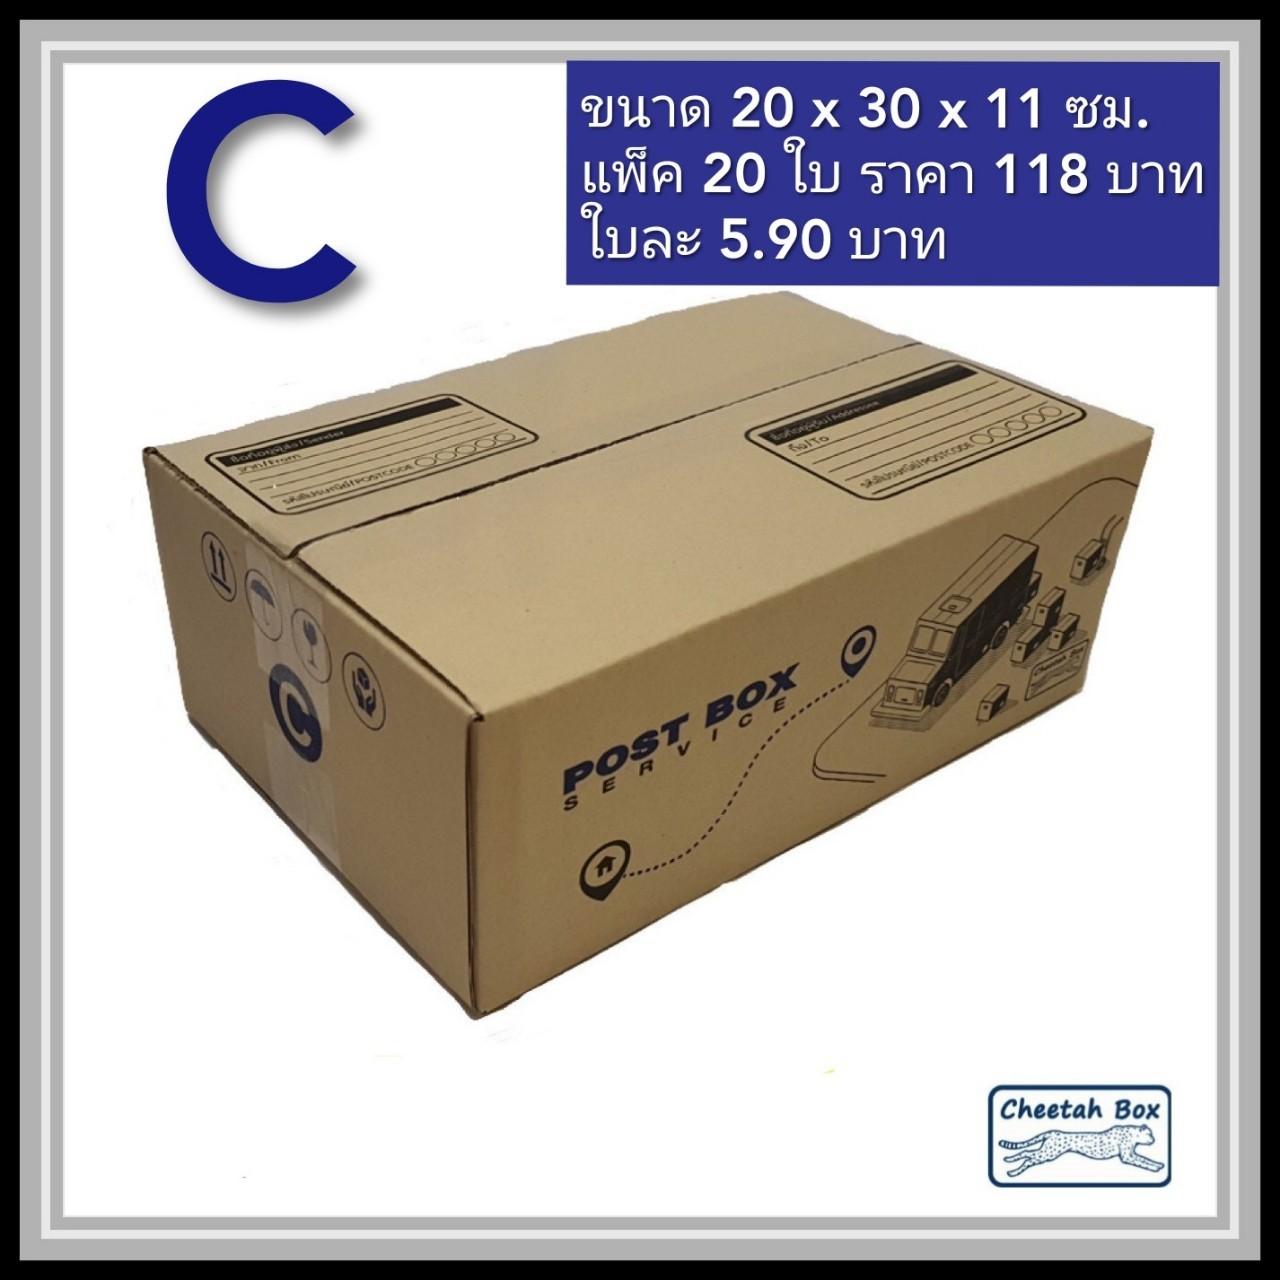 กล่องไปรษณีย์ C (Cheetah Box ขนาด 20*30*11 CM)